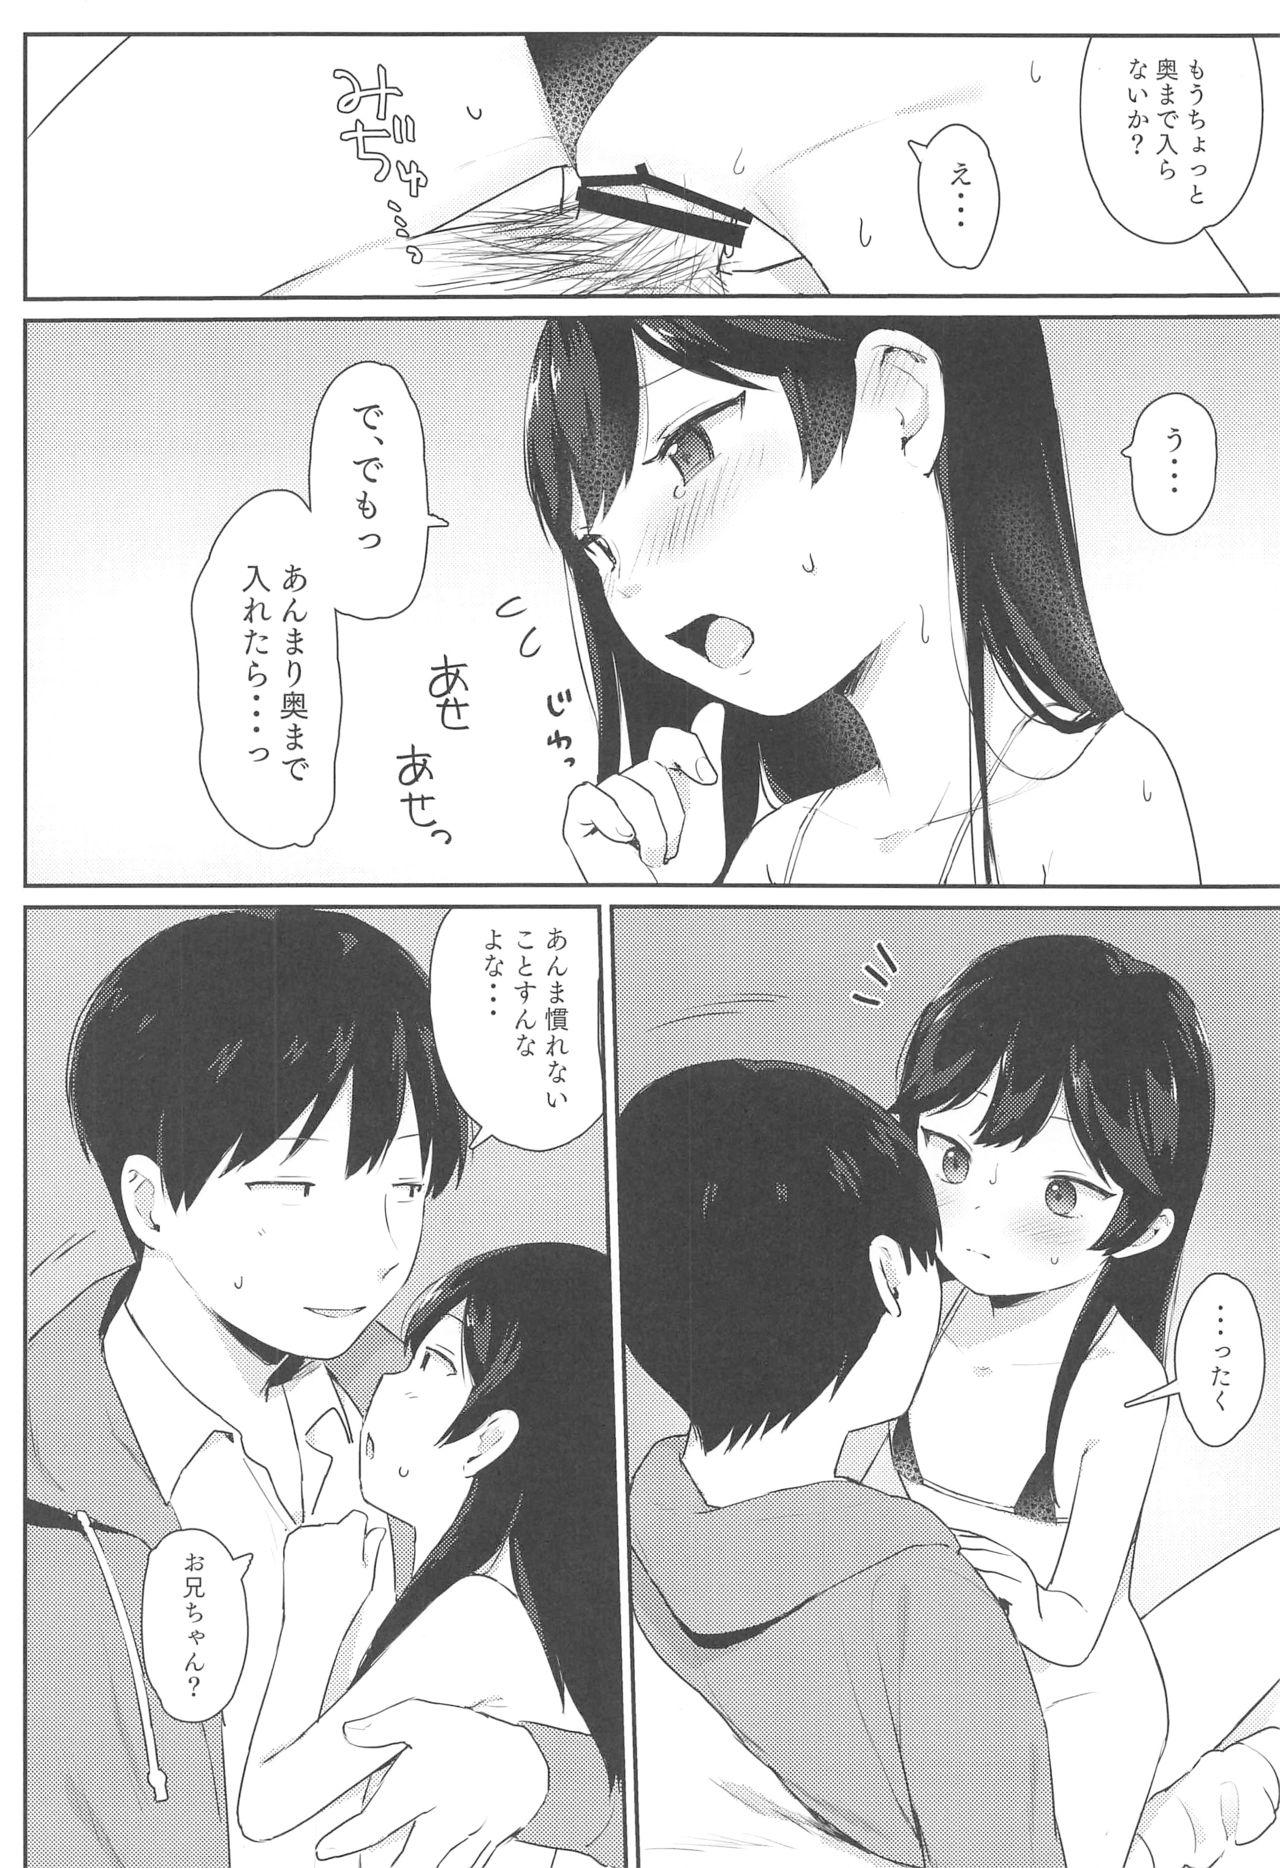 (C95) [Littlemare] Tsubasa-chan wa Onii-chan to H ga Shitai! 12